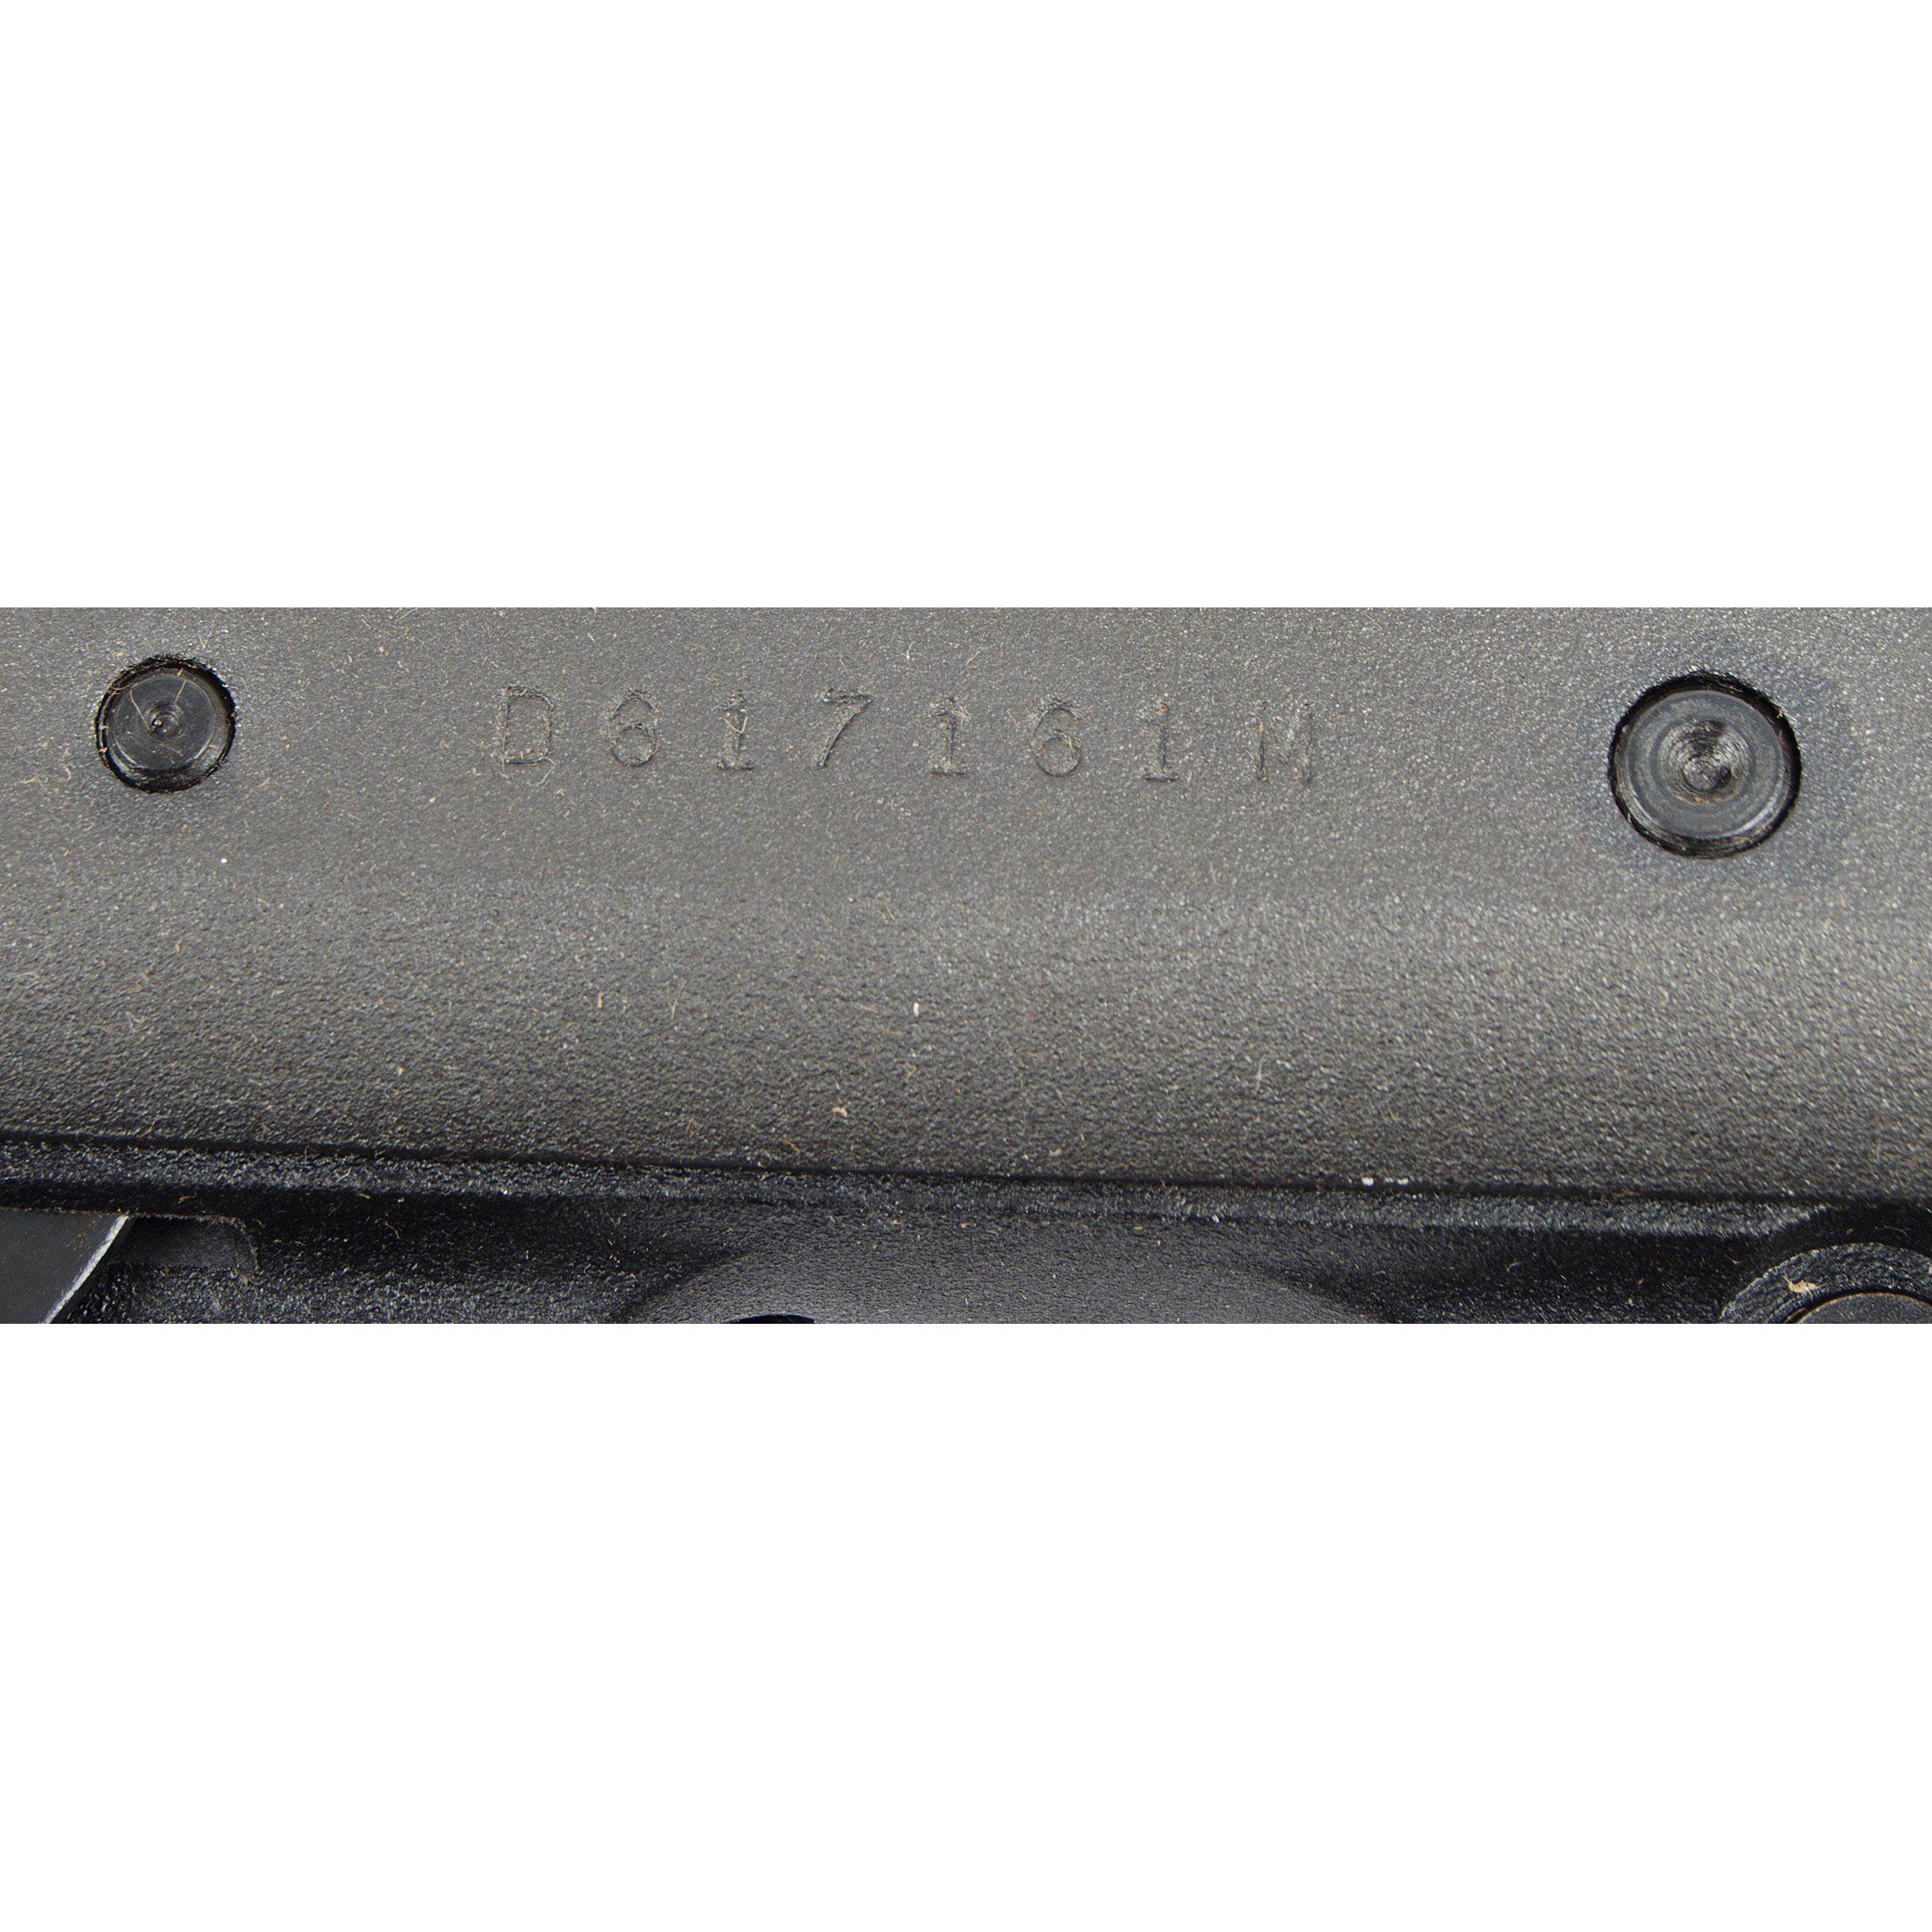 remington model 870 express magnum cowan s auction house the